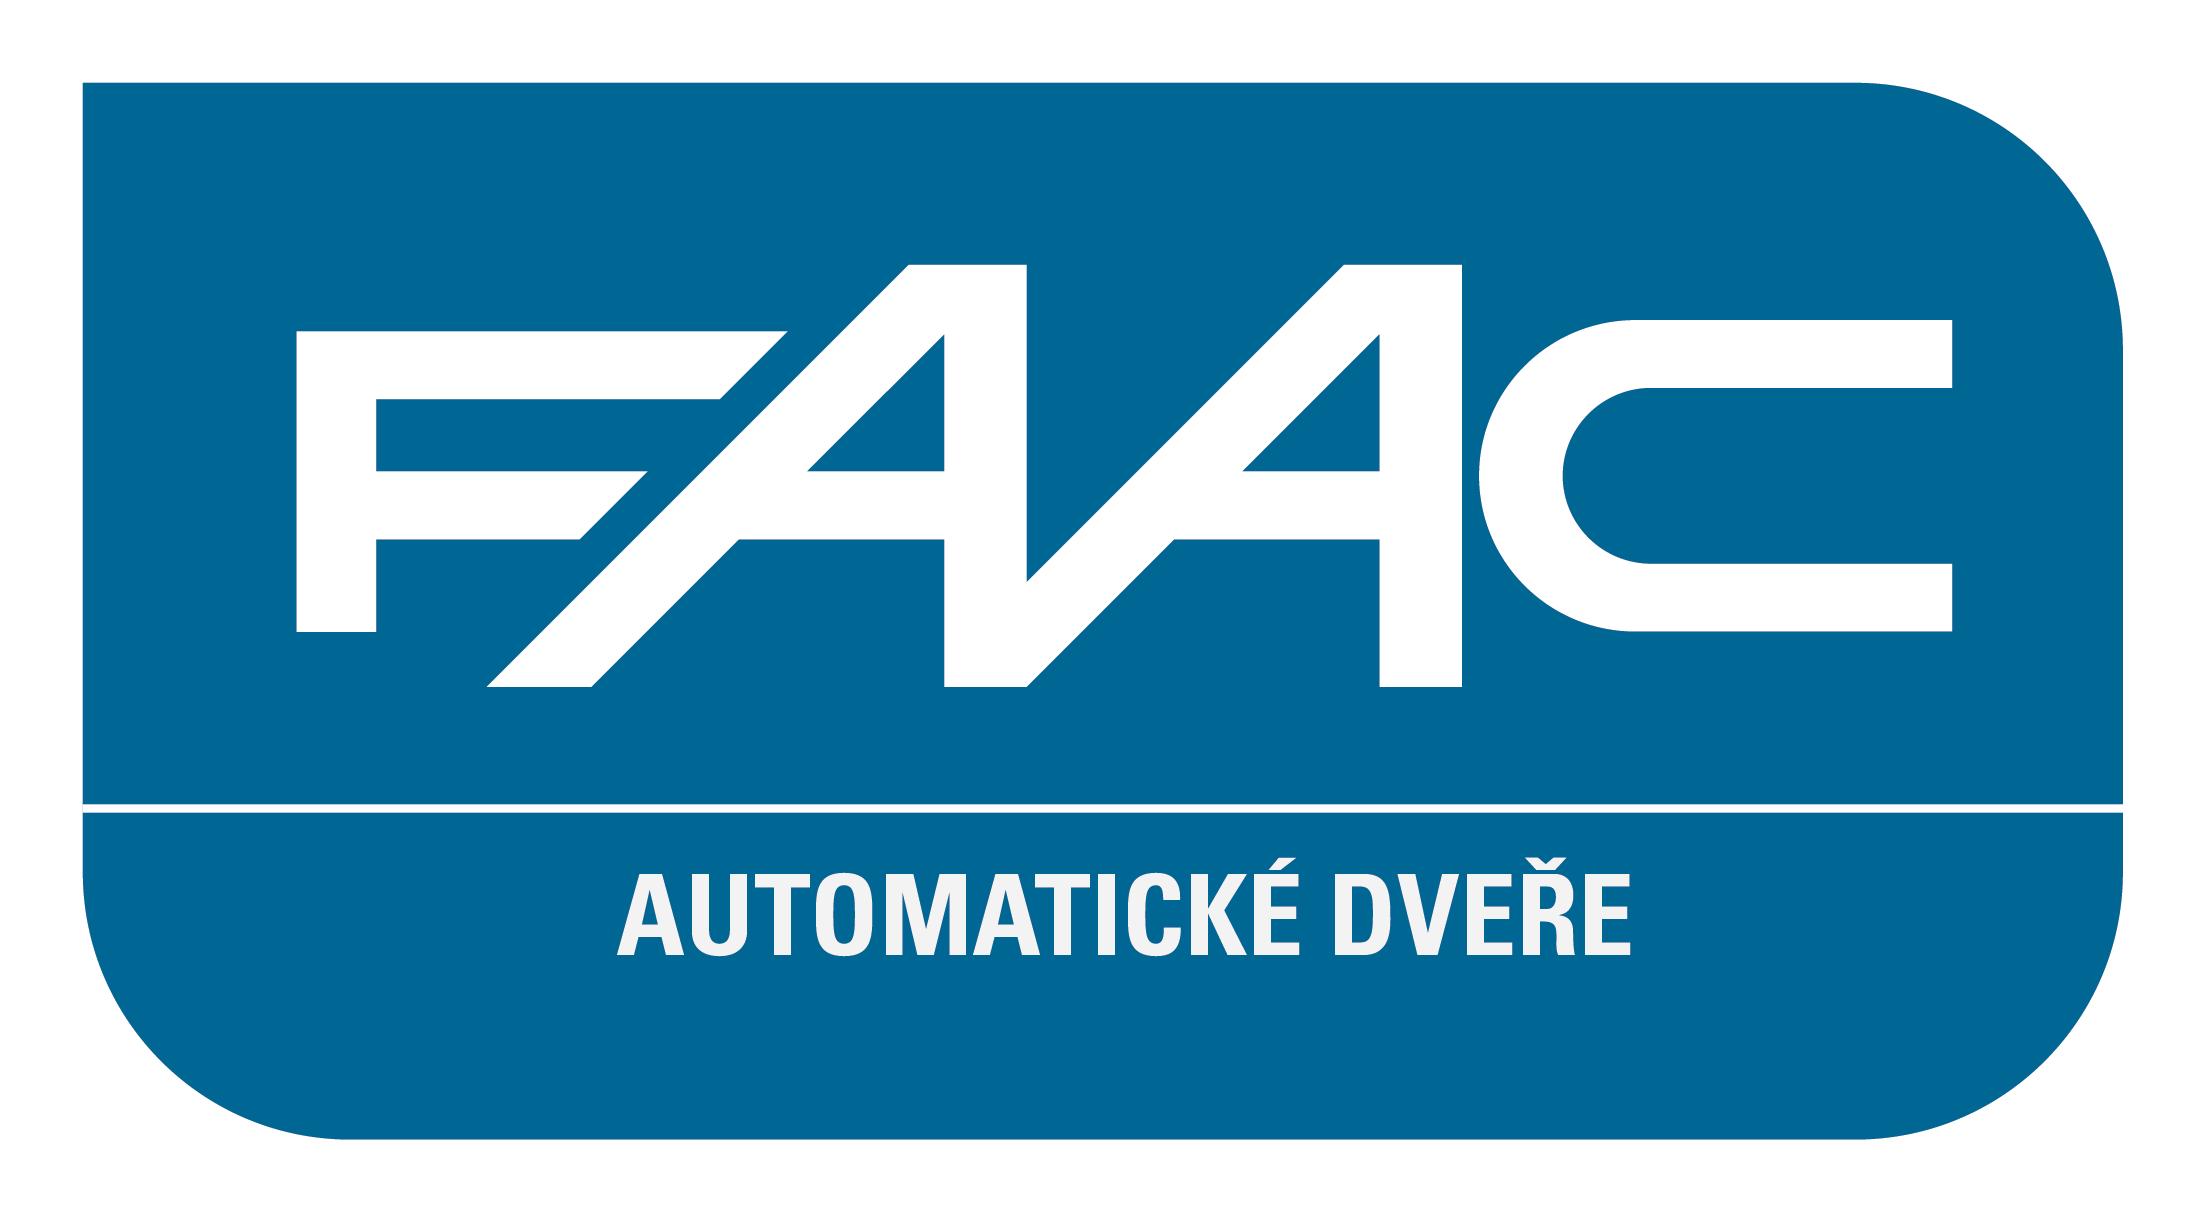 FAAC Automatické dveře